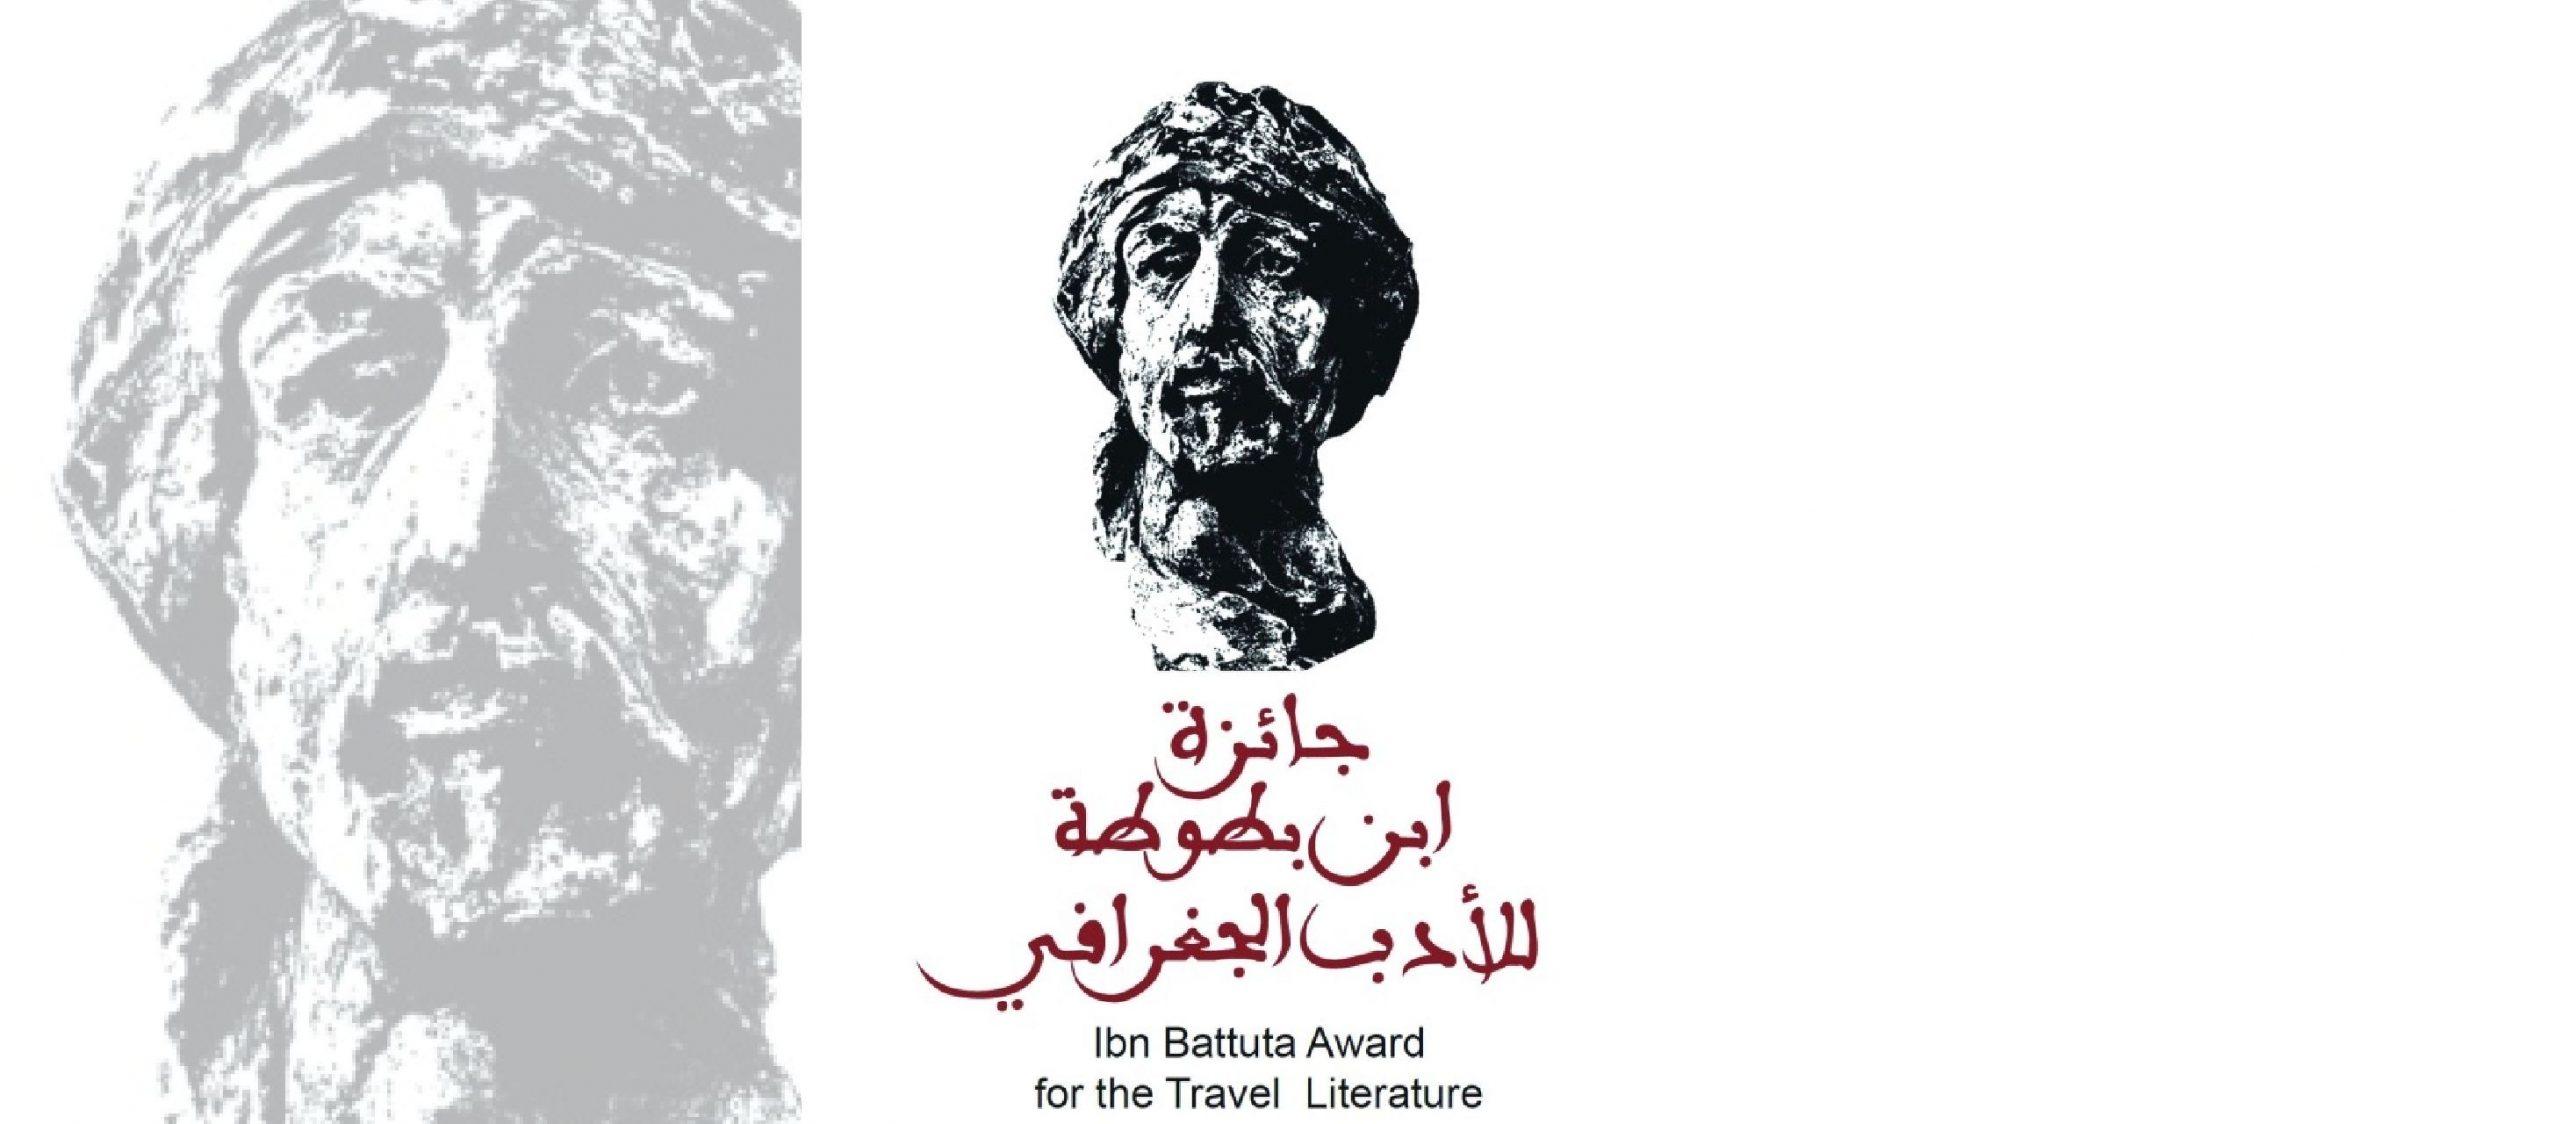 إعلان أسماء الفائزين بجائزة ابن بطوطة لأدب الرحلة